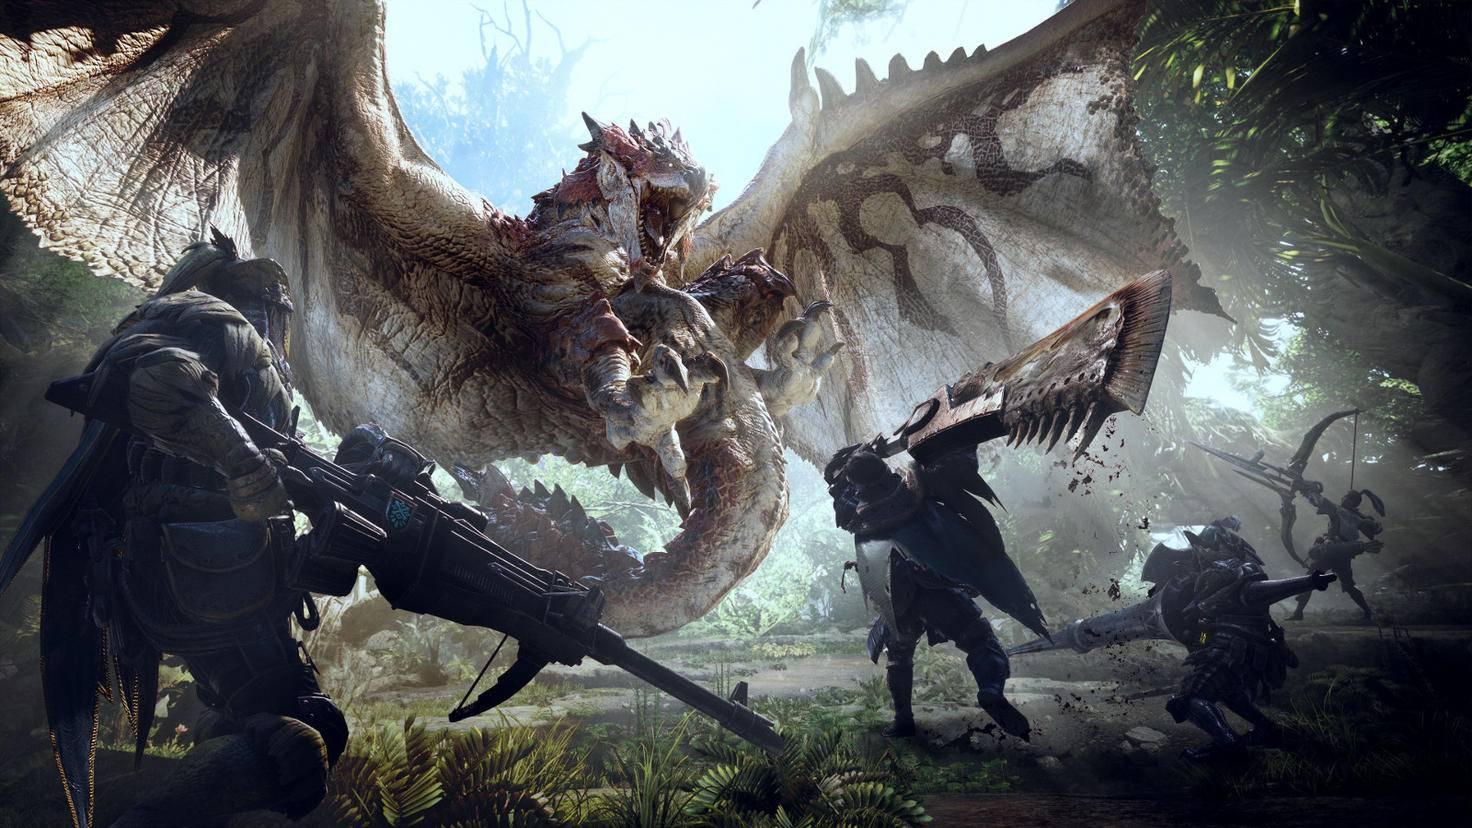 Bei der Jagd im Team sorgt der Jägerrang dafür, dass alle Teilnehmer ungefähr gleich stark sind.